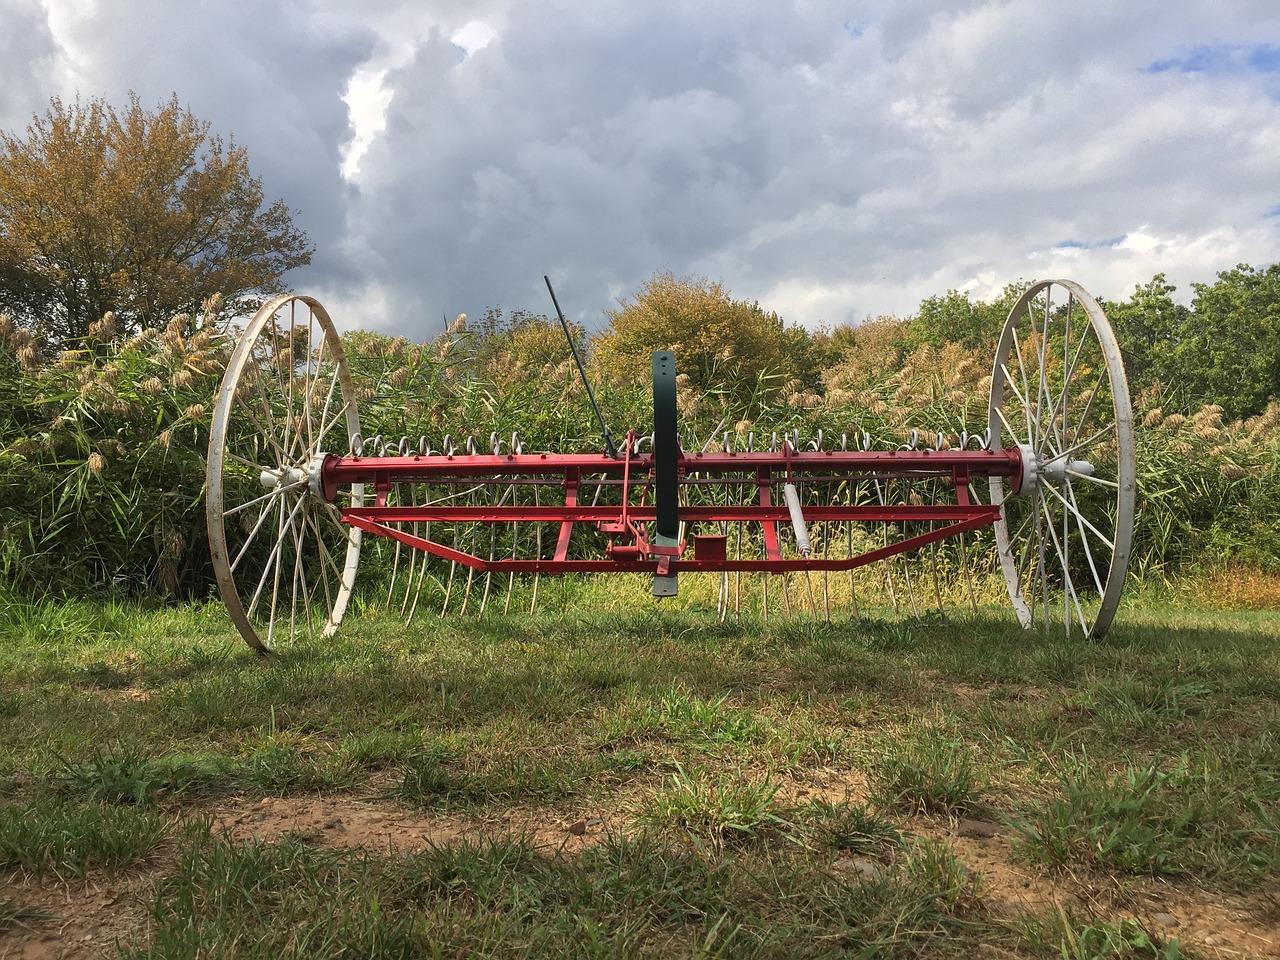 Vintage farm equipment,1776,revolutionary war,war of